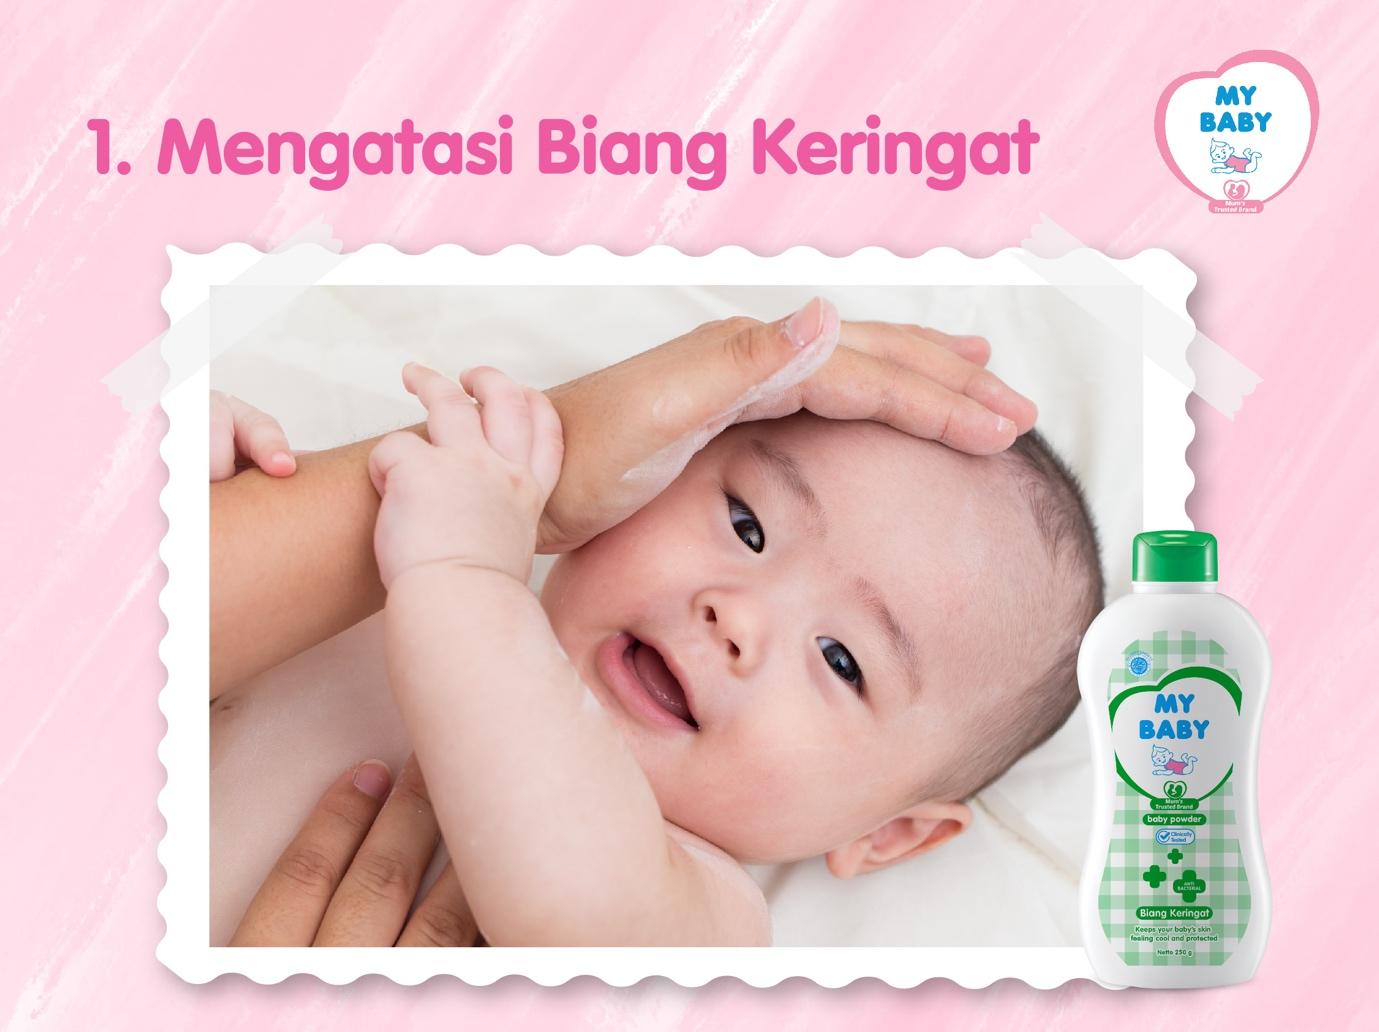 Mybaby - 3 Manfaat Bedak Bayi Yang Belum Banyak Diketahui